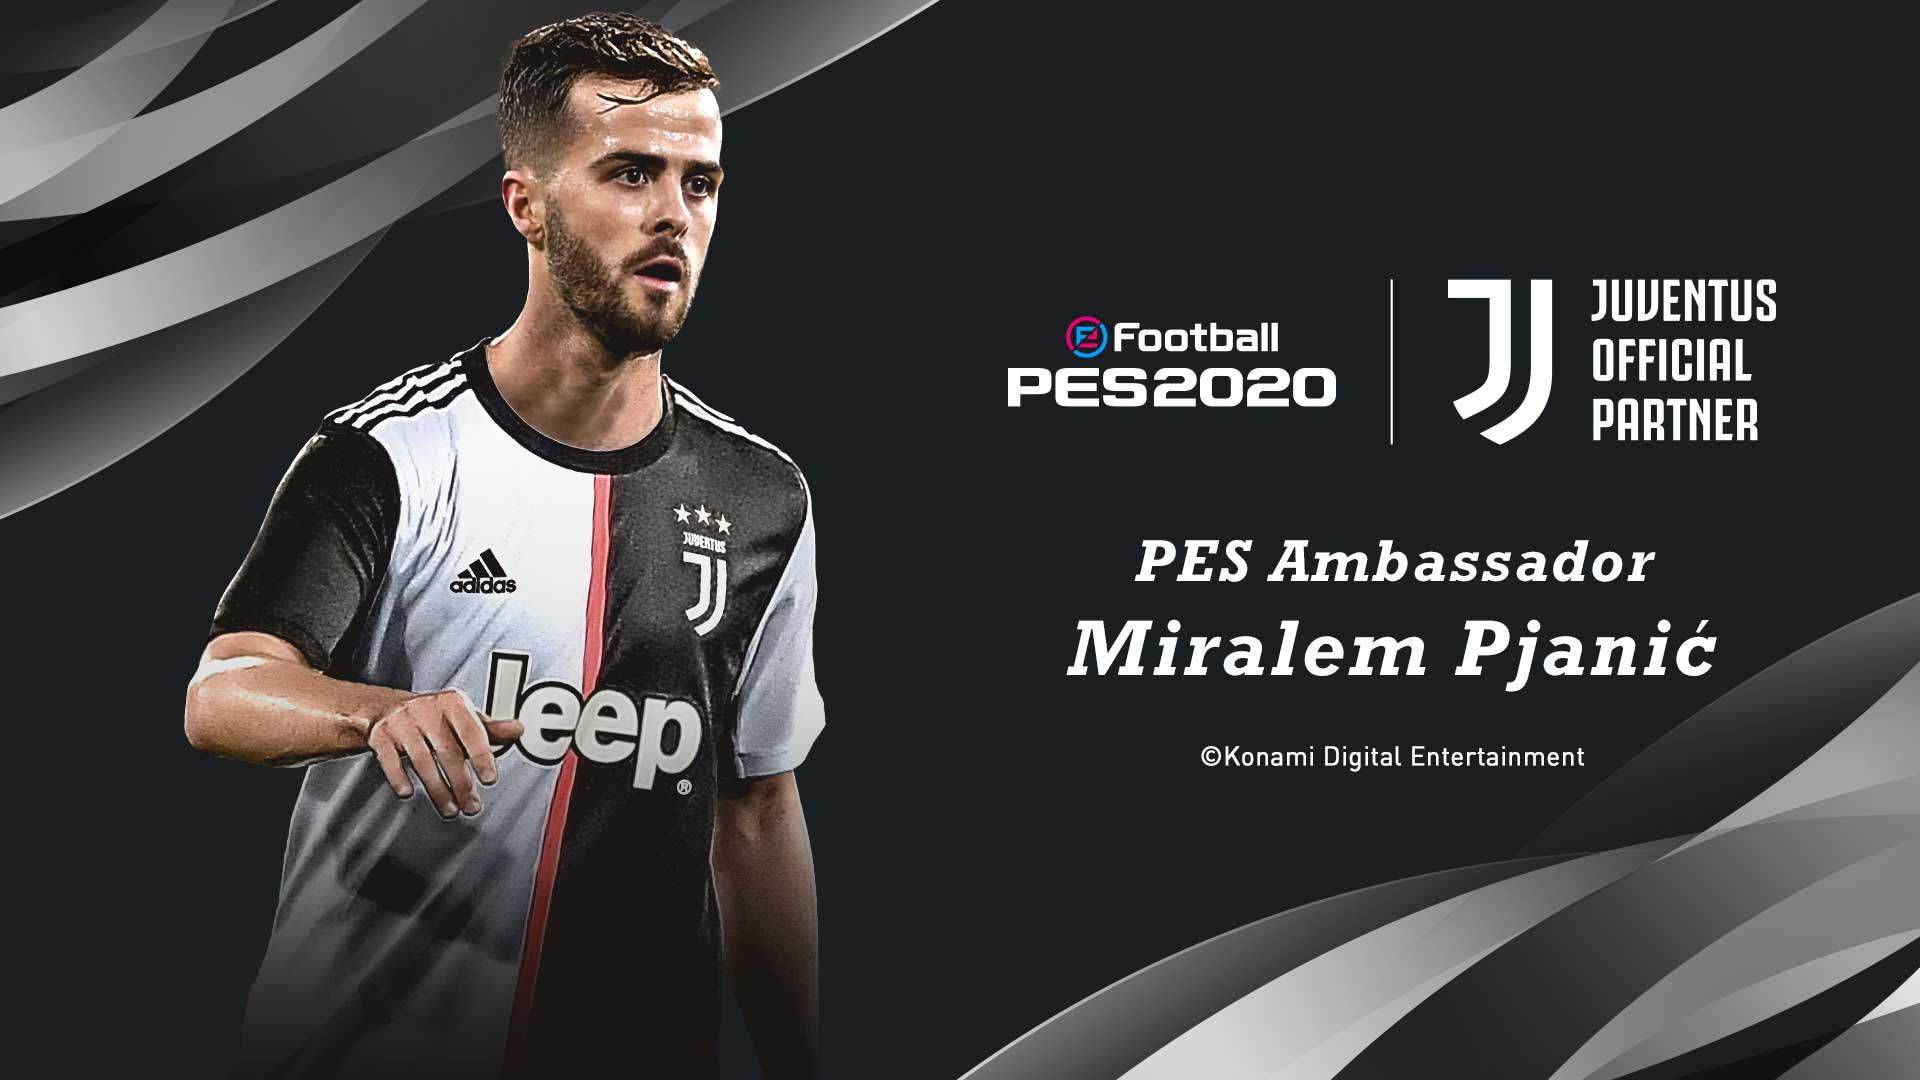 Sarà Juventus solo su PES, su FIFA si chiamerà Piemonte Calcio